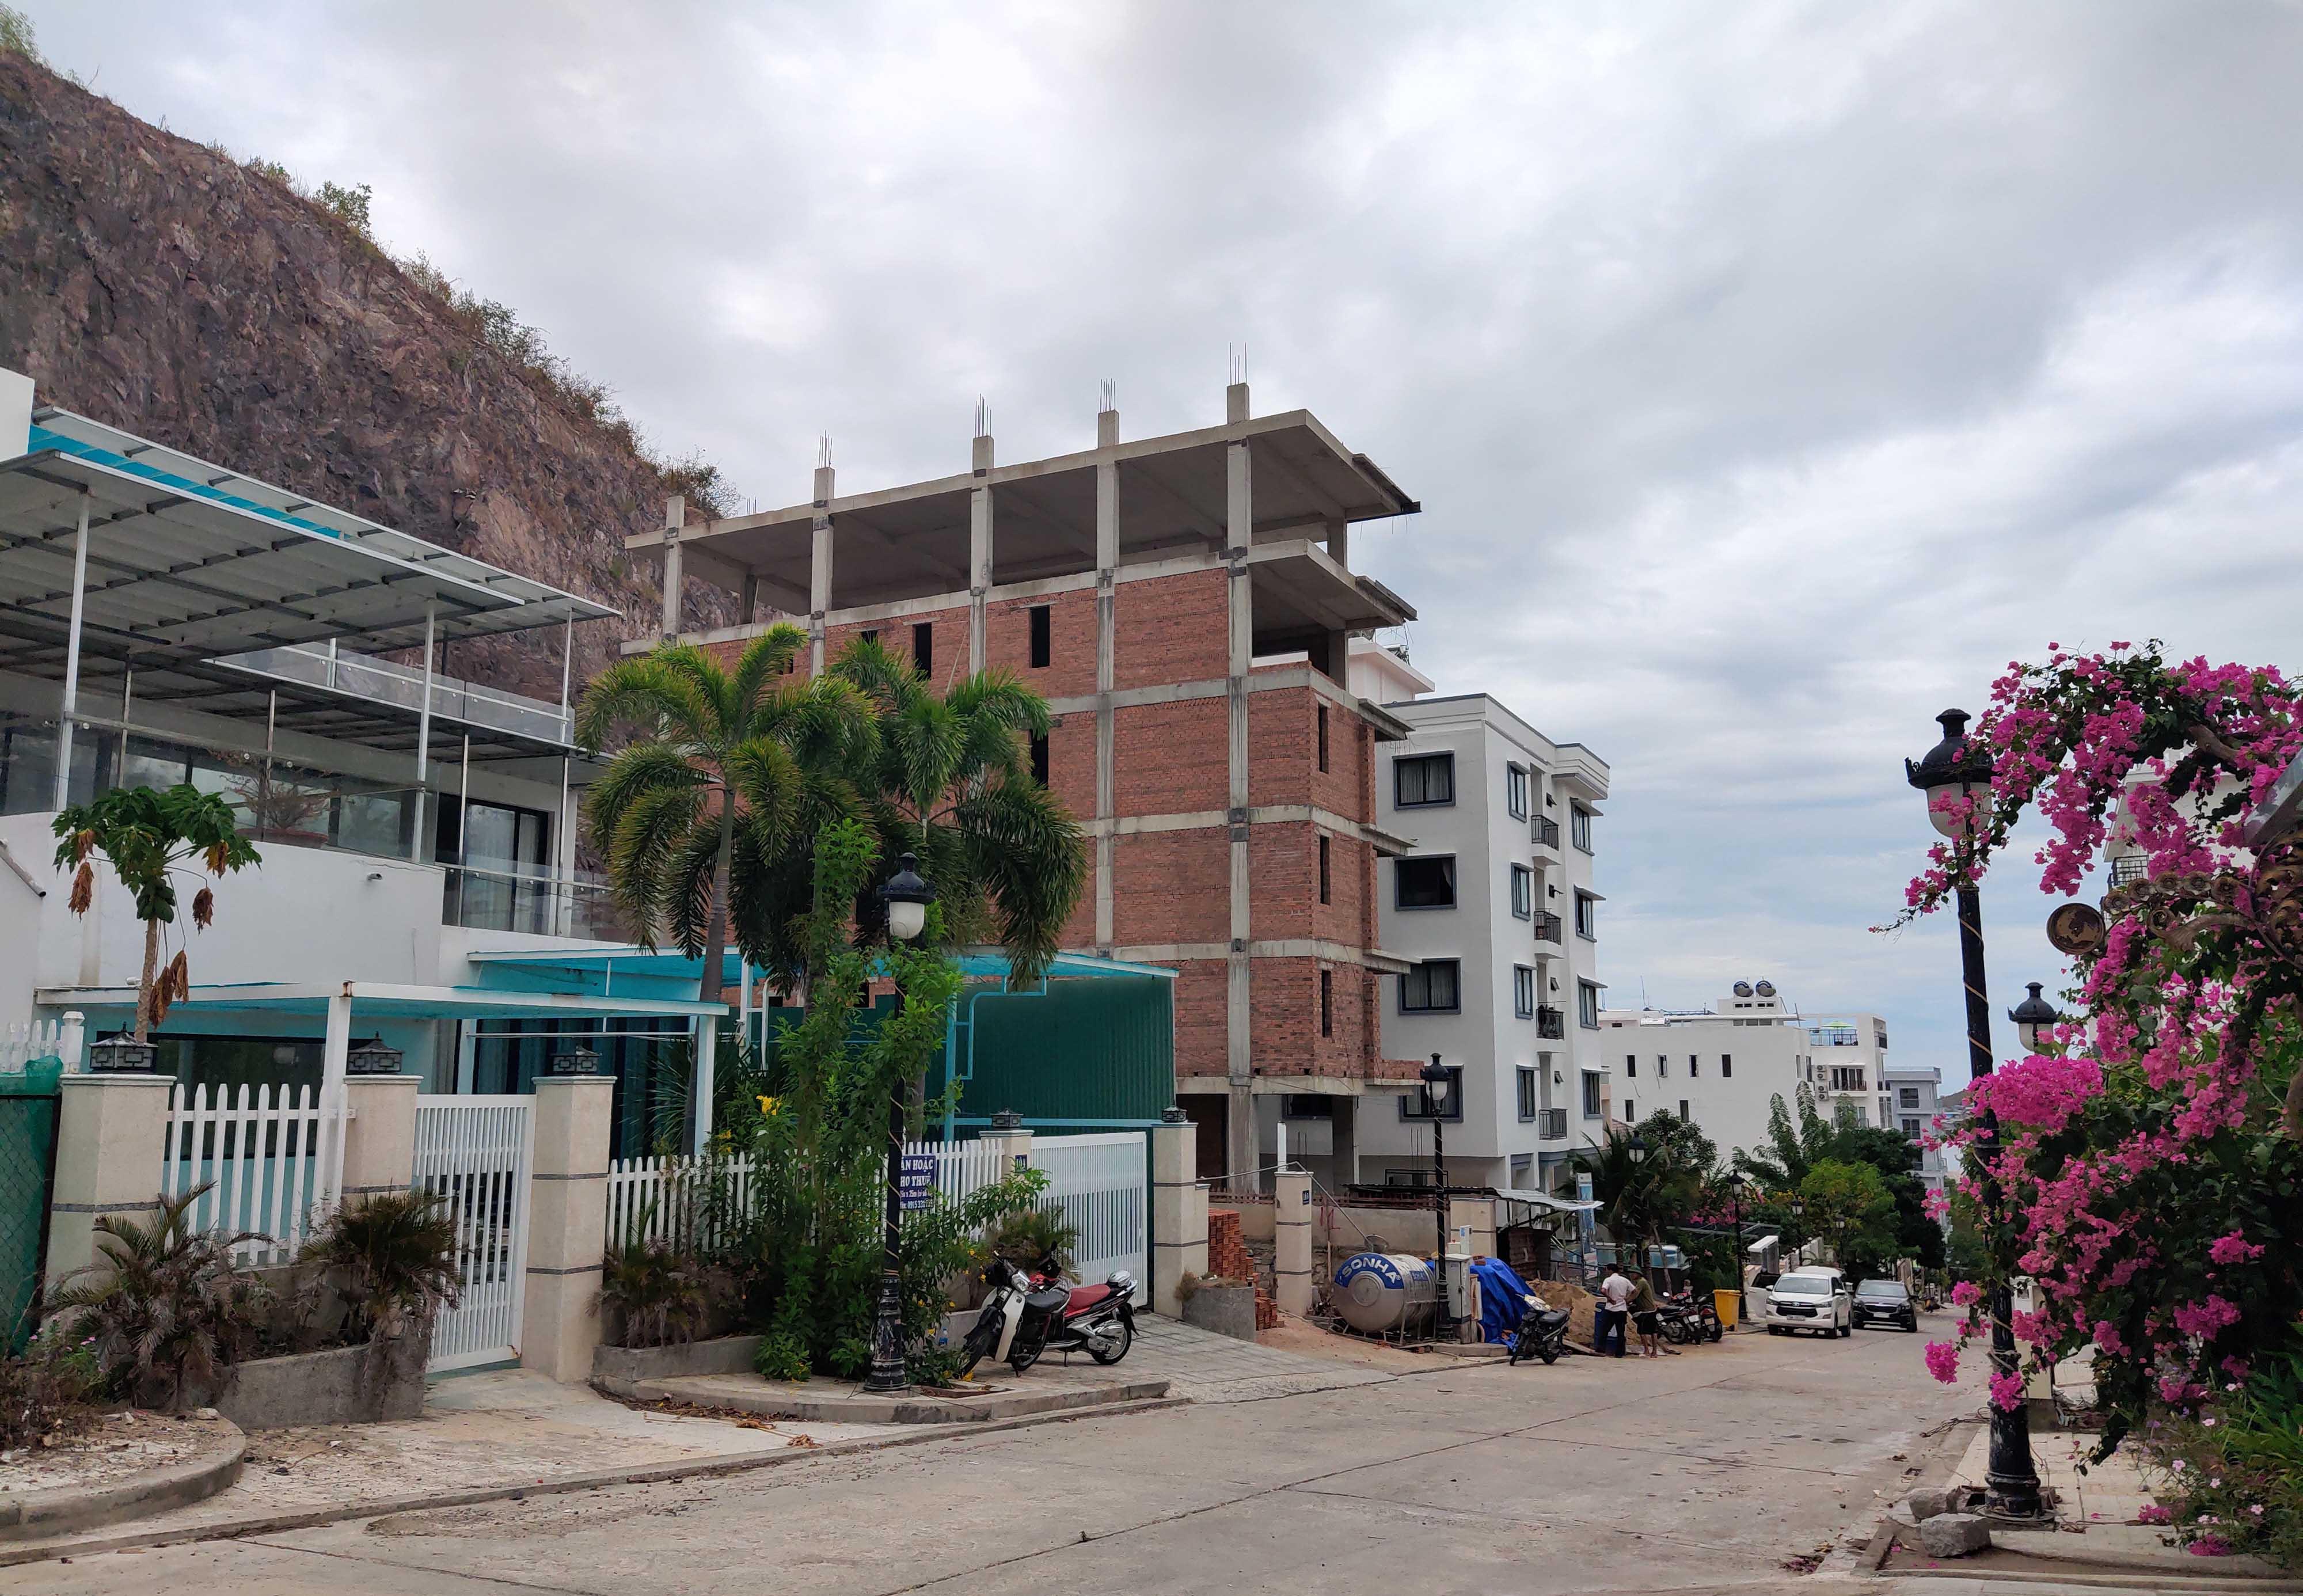 Cận cảnh dự án Ocean View ung dung hoàn thành các căn biệt thự bất chấp lệnh cưỡng chế - Ảnh 8.